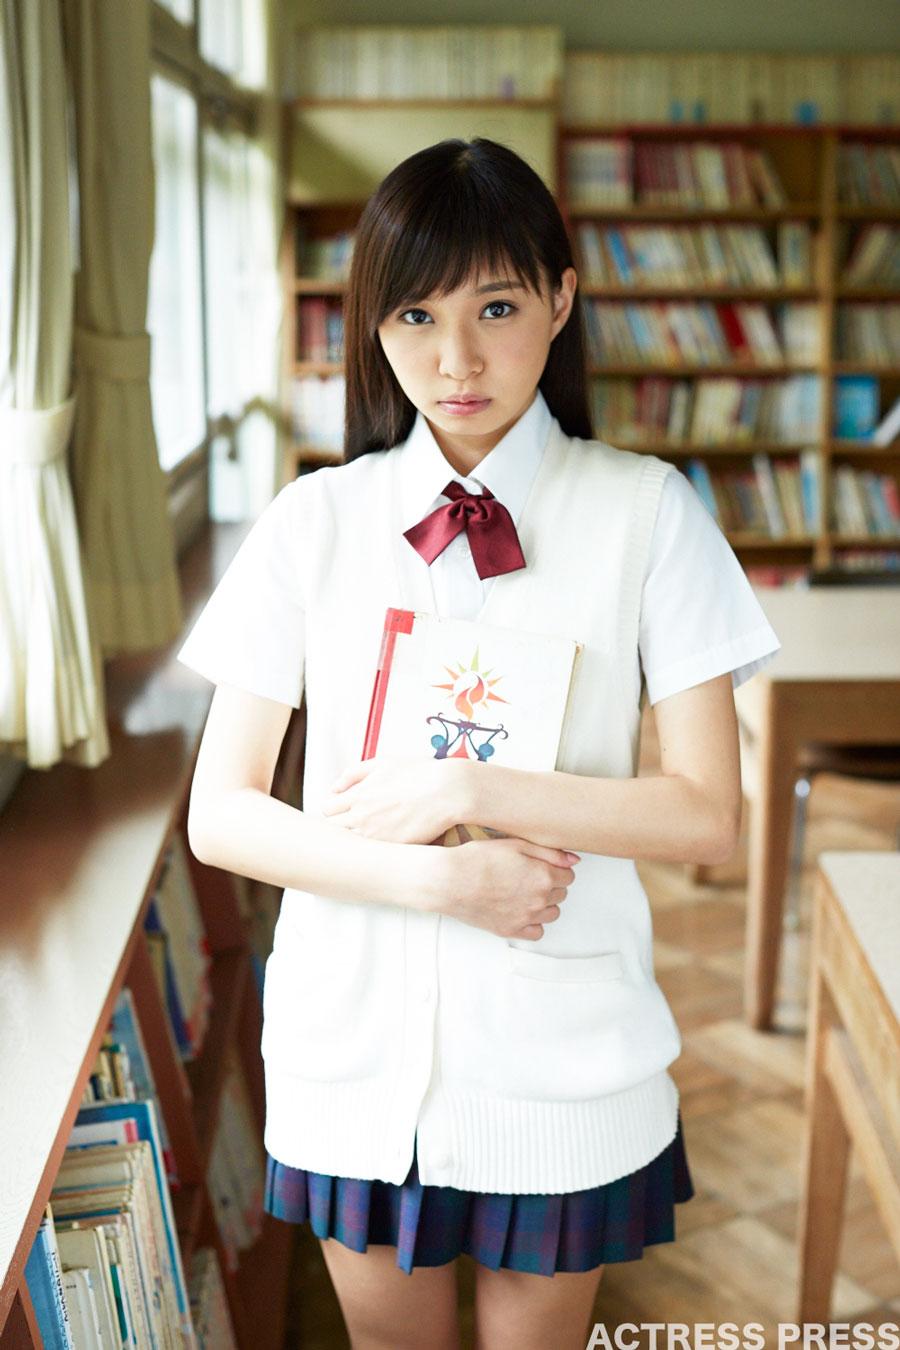 川井優沙-優美な彼女-図書館